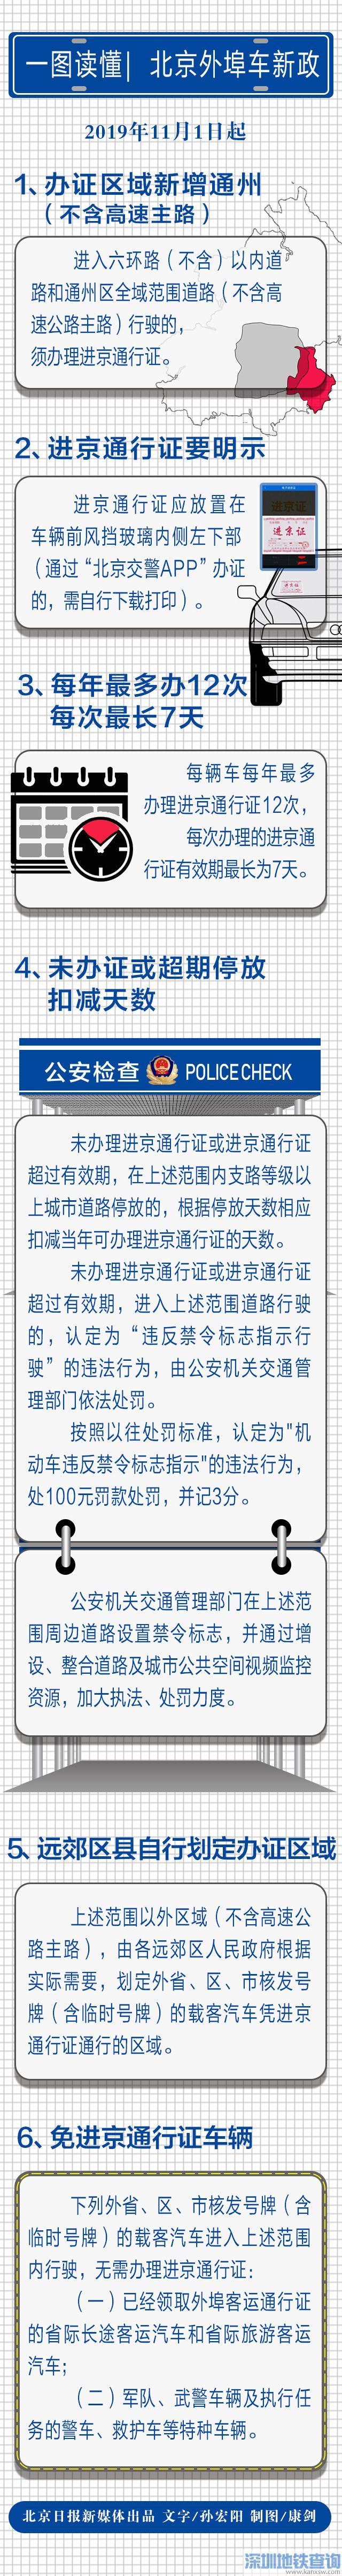 2019年北京外埠车新政:6大要点你必须要知道